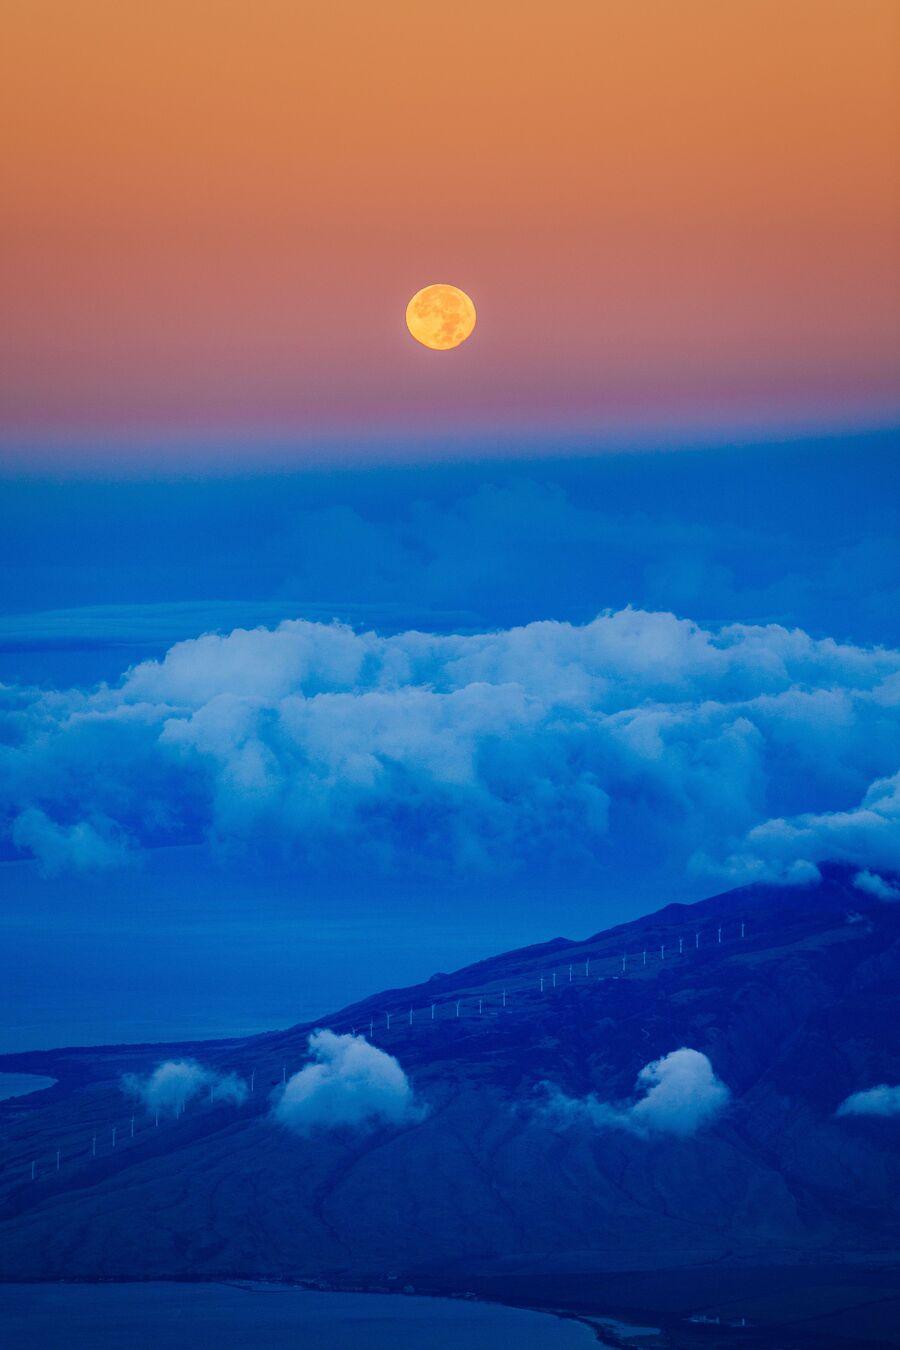 Et kig til månen